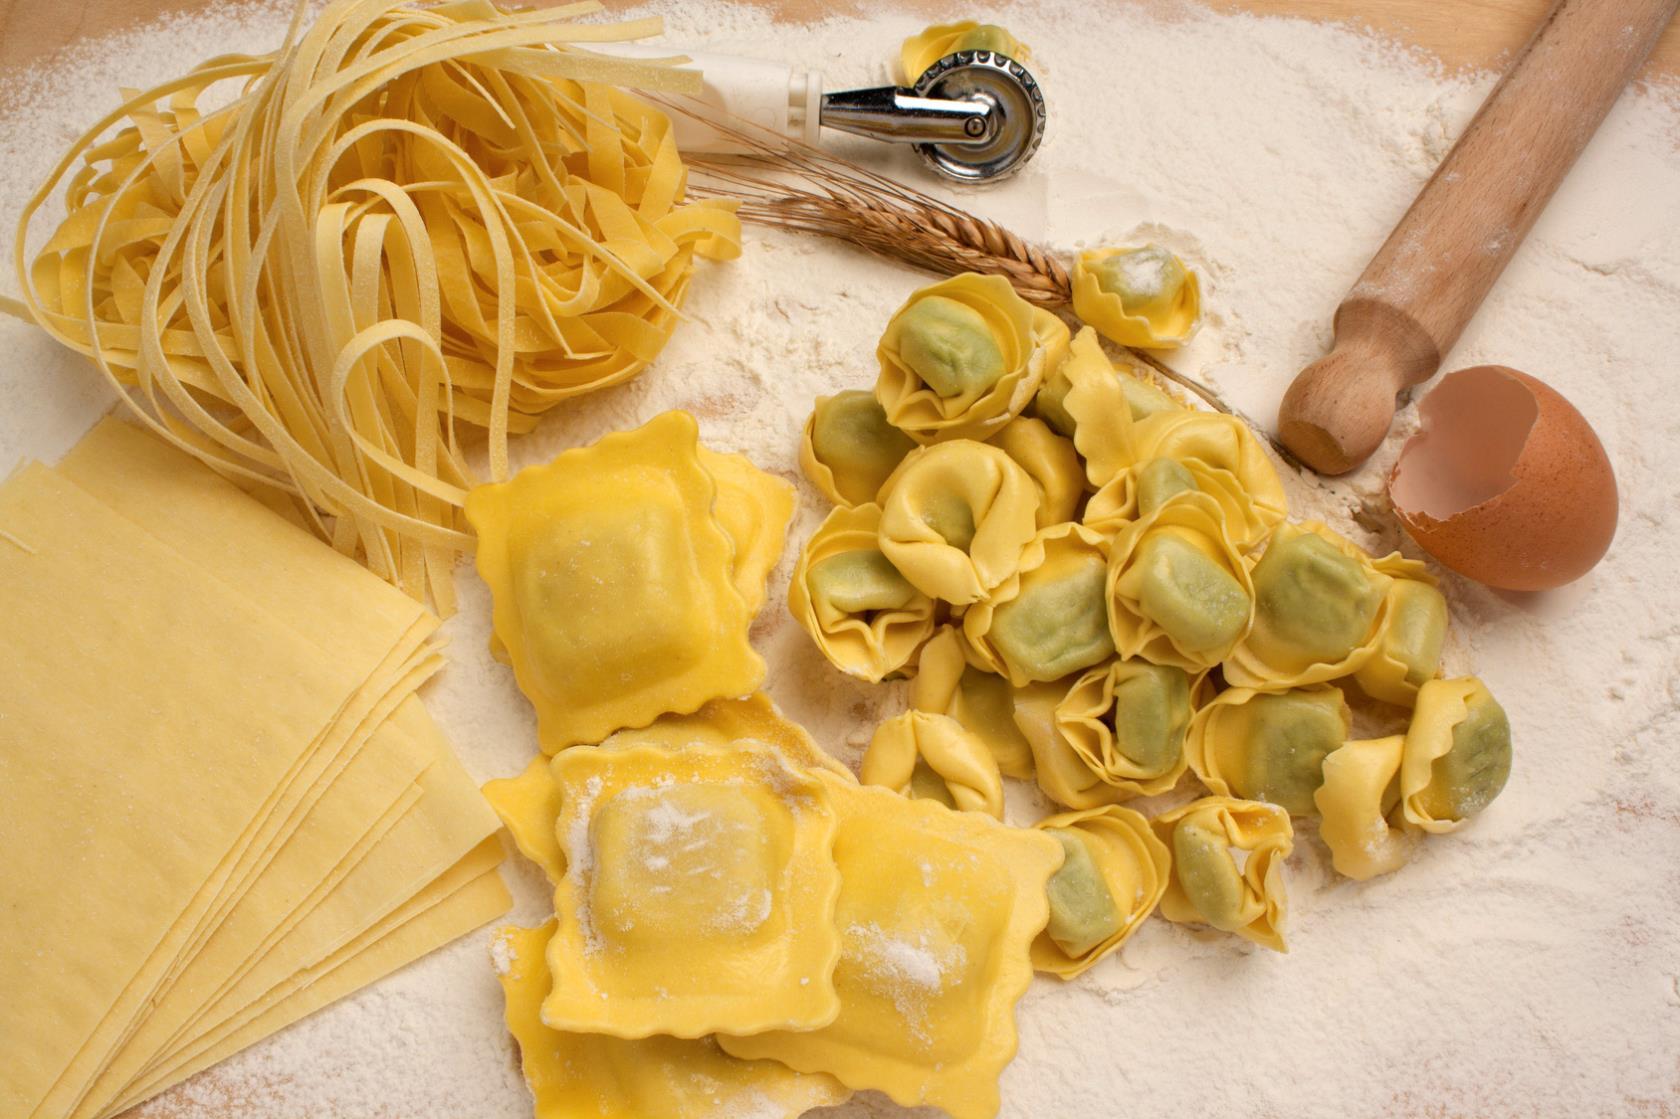 Pasta fresca fatta in casa Trattoria Carlotto